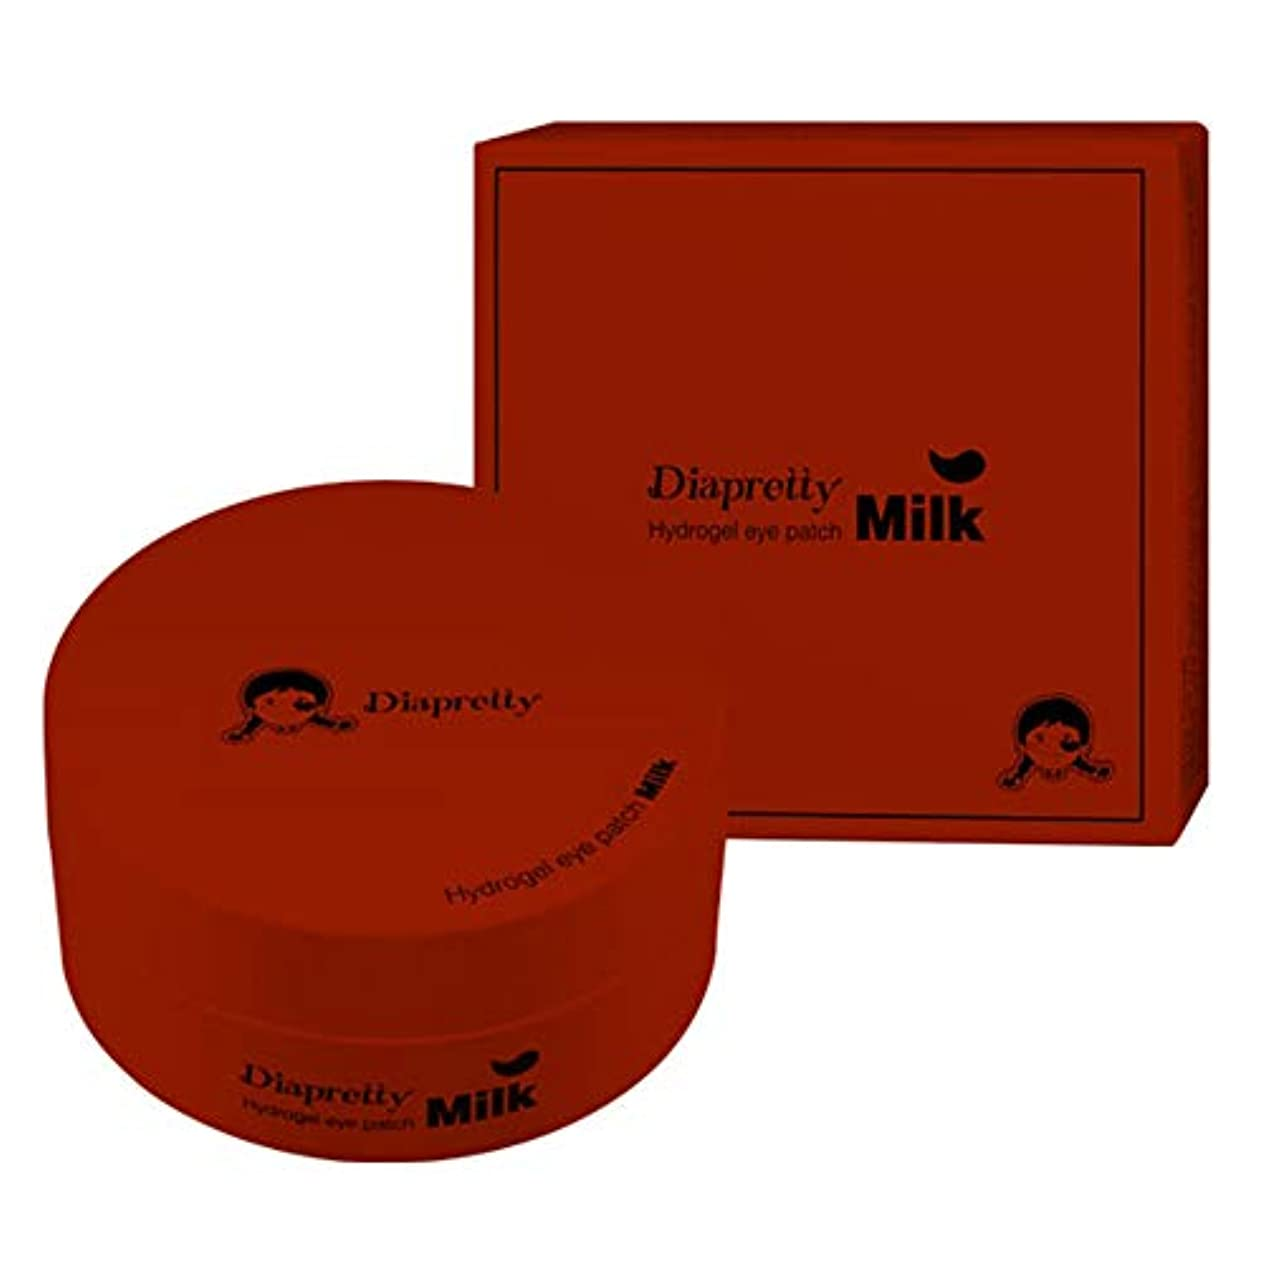 背骨属するライド[ダイアプリティ] ハイドロゲルア イパッチ (Red Ginseng) 60枚, [Diapretty] Hydrogel Eyepatch(Red Ginseng) 60pieces